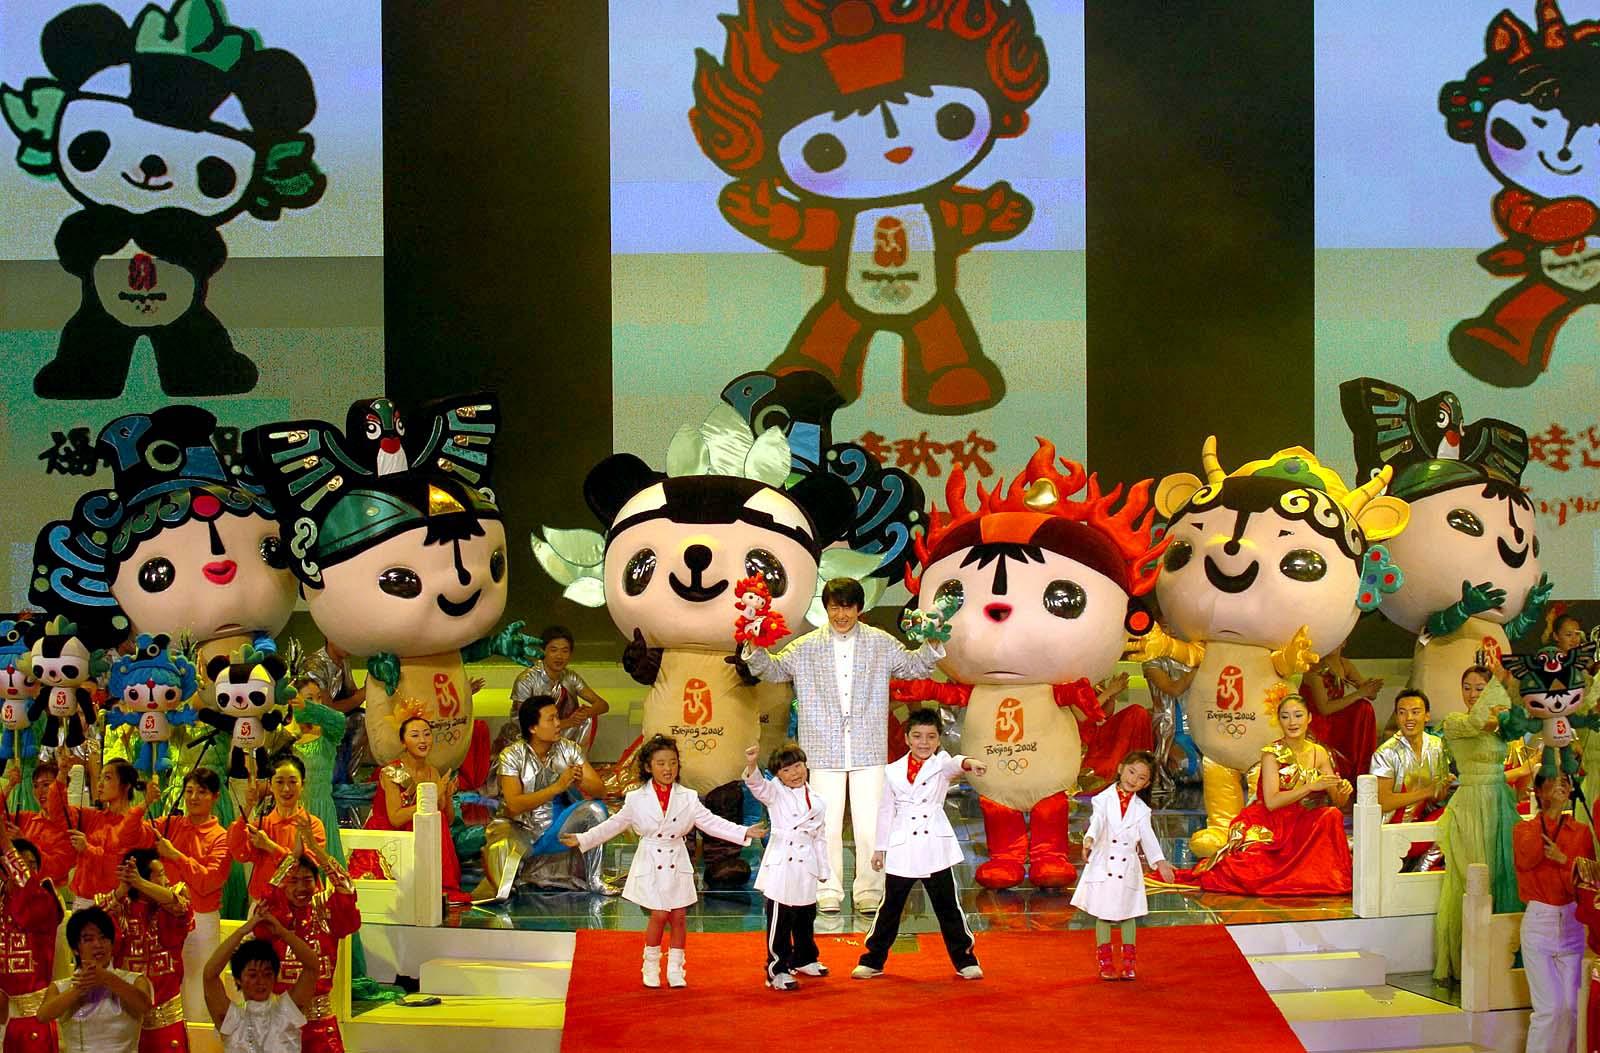 福娃是五个拟人化的娃娃,他们的原型和头饰蕴含着与海洋、森林、火、大地和天空的联系,应用了中国传统艺术的表现方式,展现了灿烂的中国文化的博大精深。 吉祥物的每个娃娃都代表着一个美好的祝愿:贝贝象征繁荣、晶晶象征欢乐、欢欢象征激情、迎迎象征健康、妮妮象征好运。